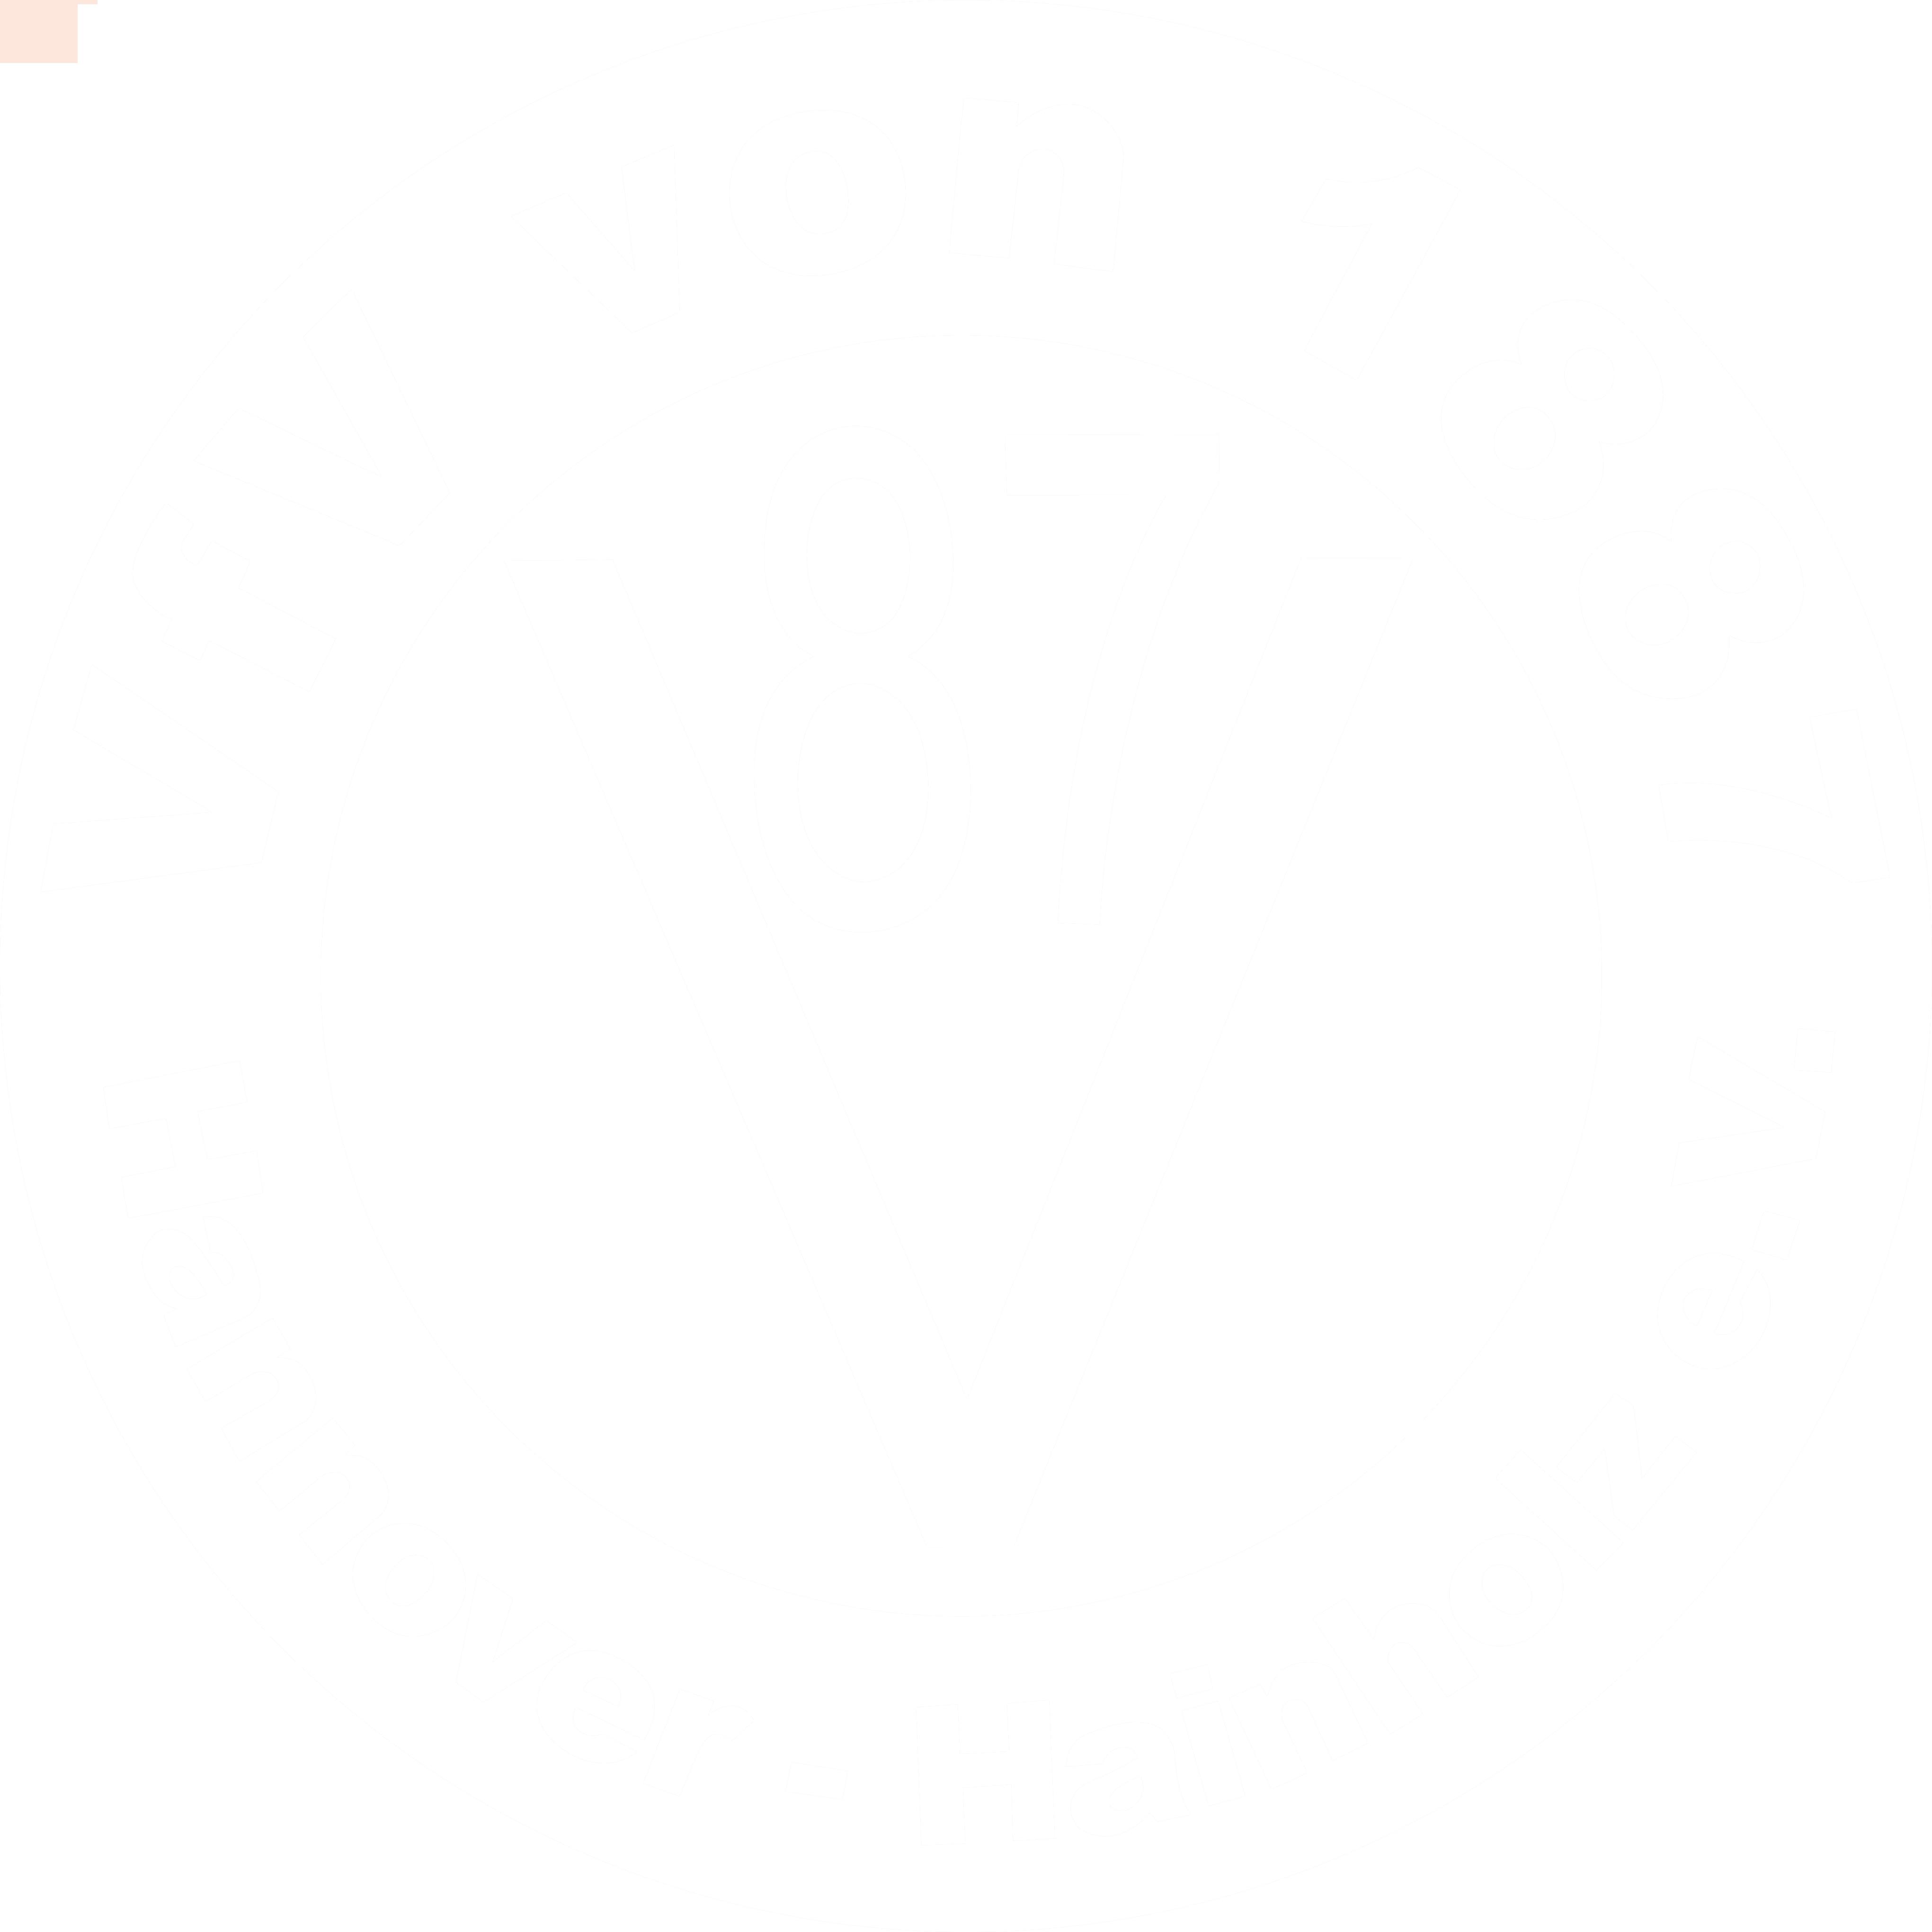 VfV Hainholz